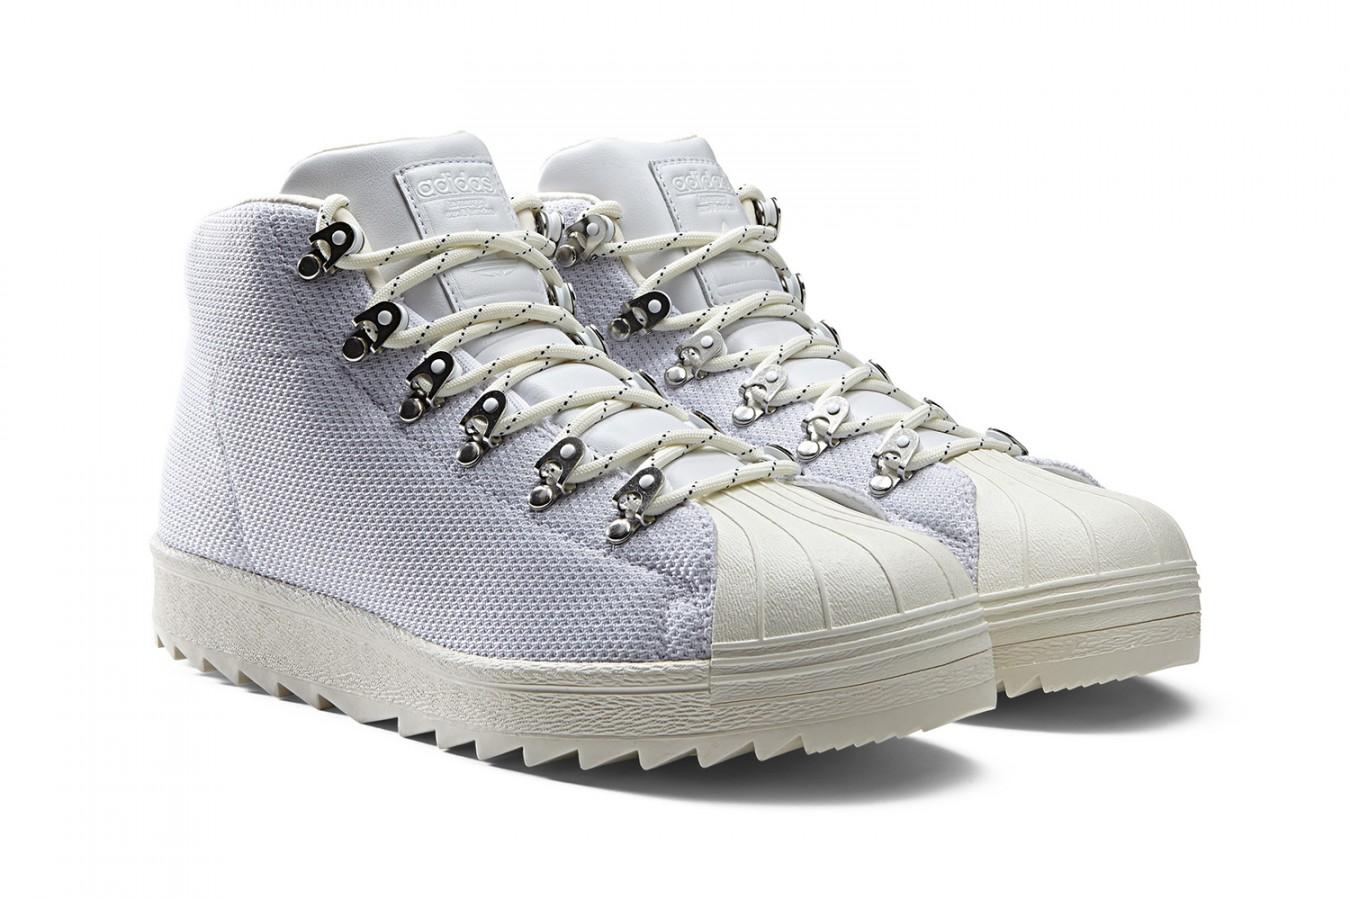 Sports d'Hiver : Adidas dévoile son Pro Model GTX